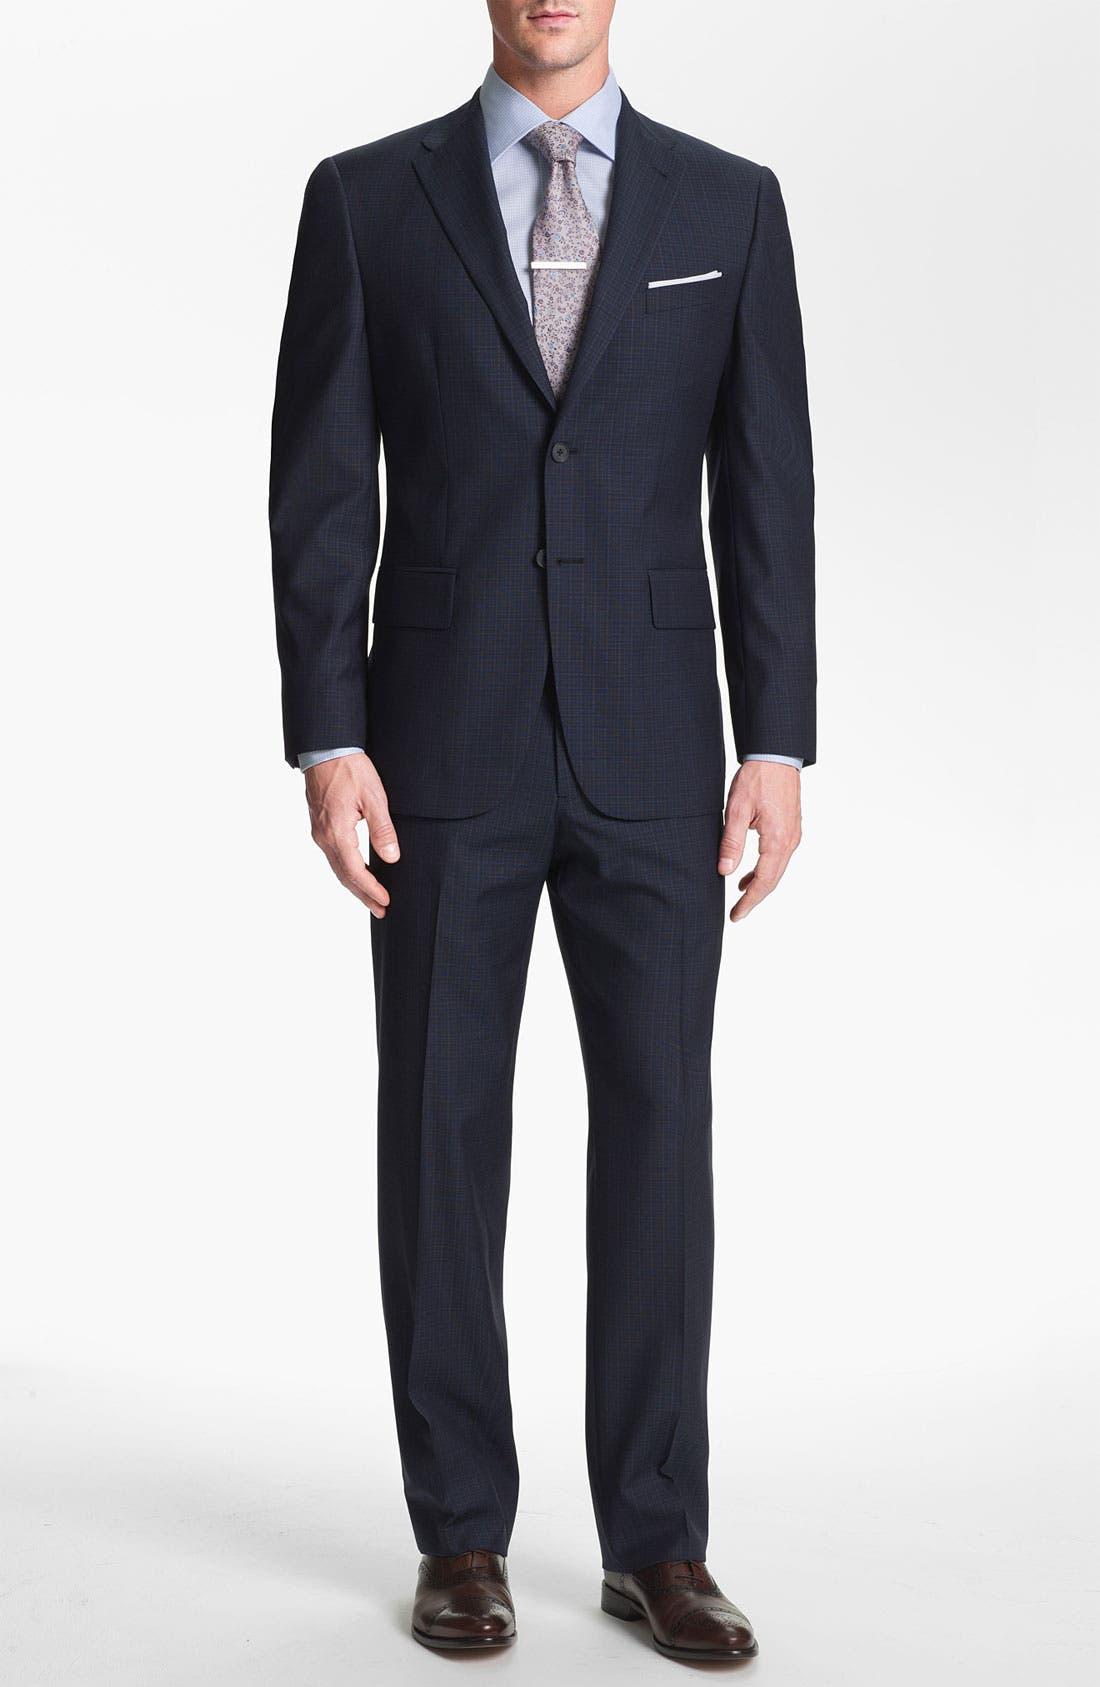 Main Image - Joseph Abboud Trim Fit Check Wool Suit